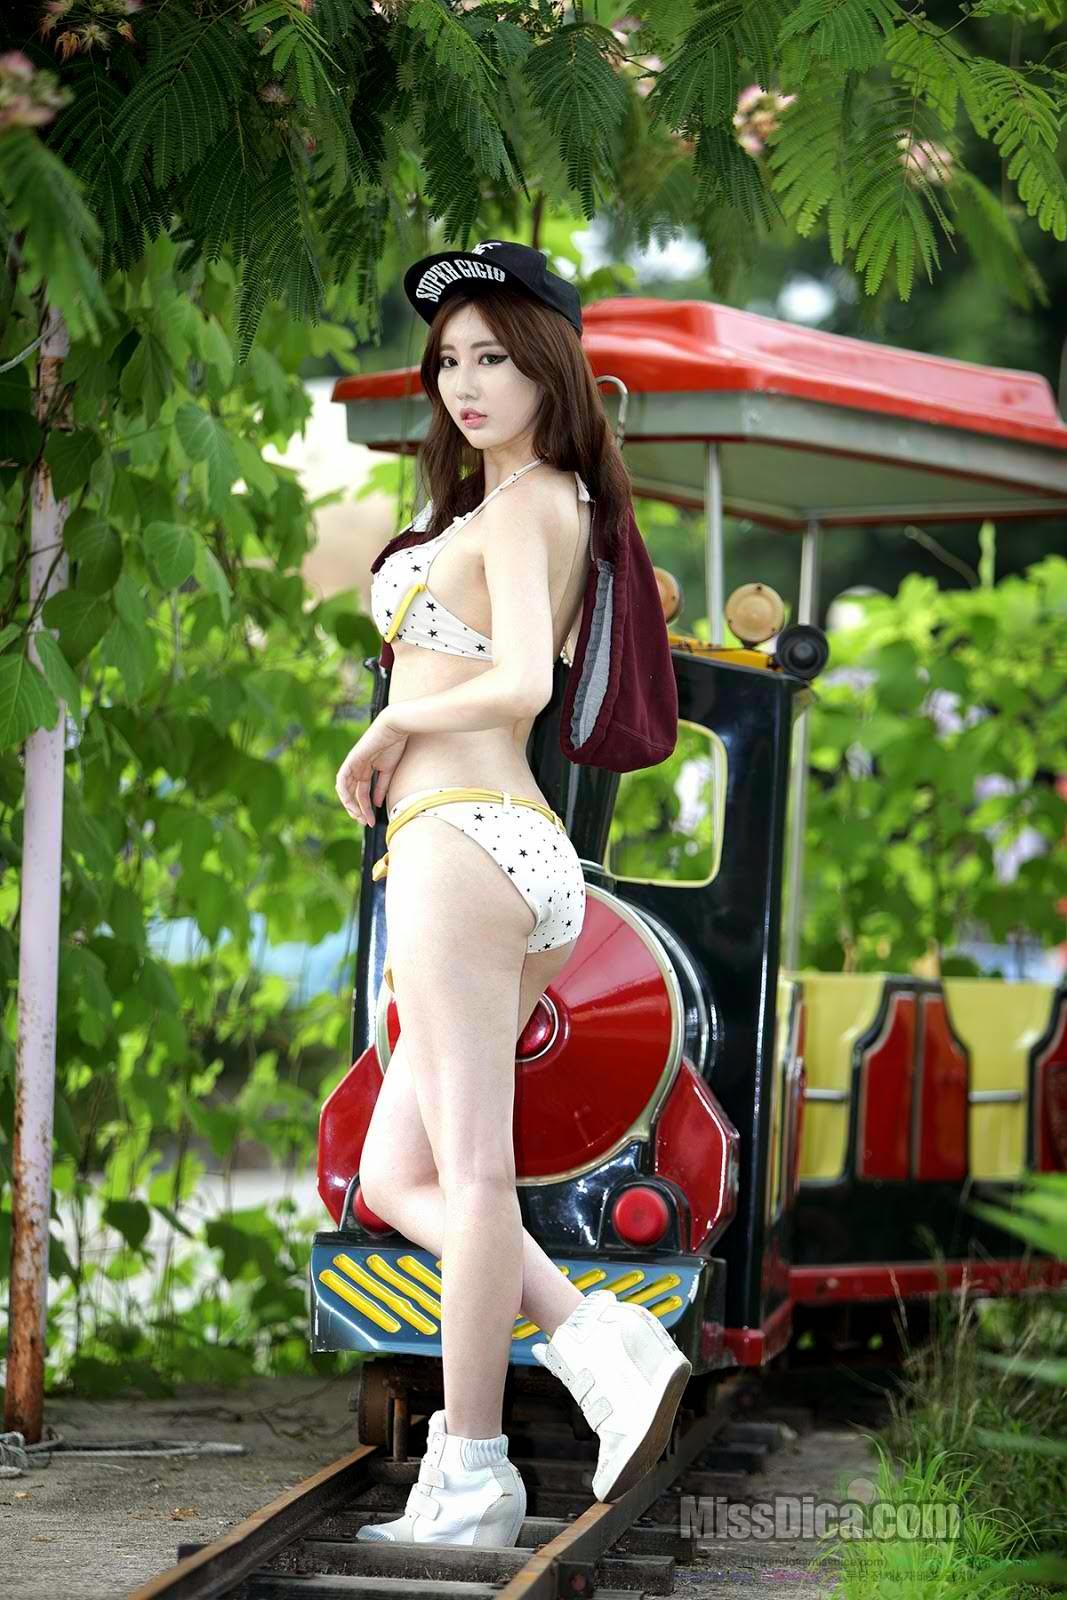 Shin Se-ha photo 003